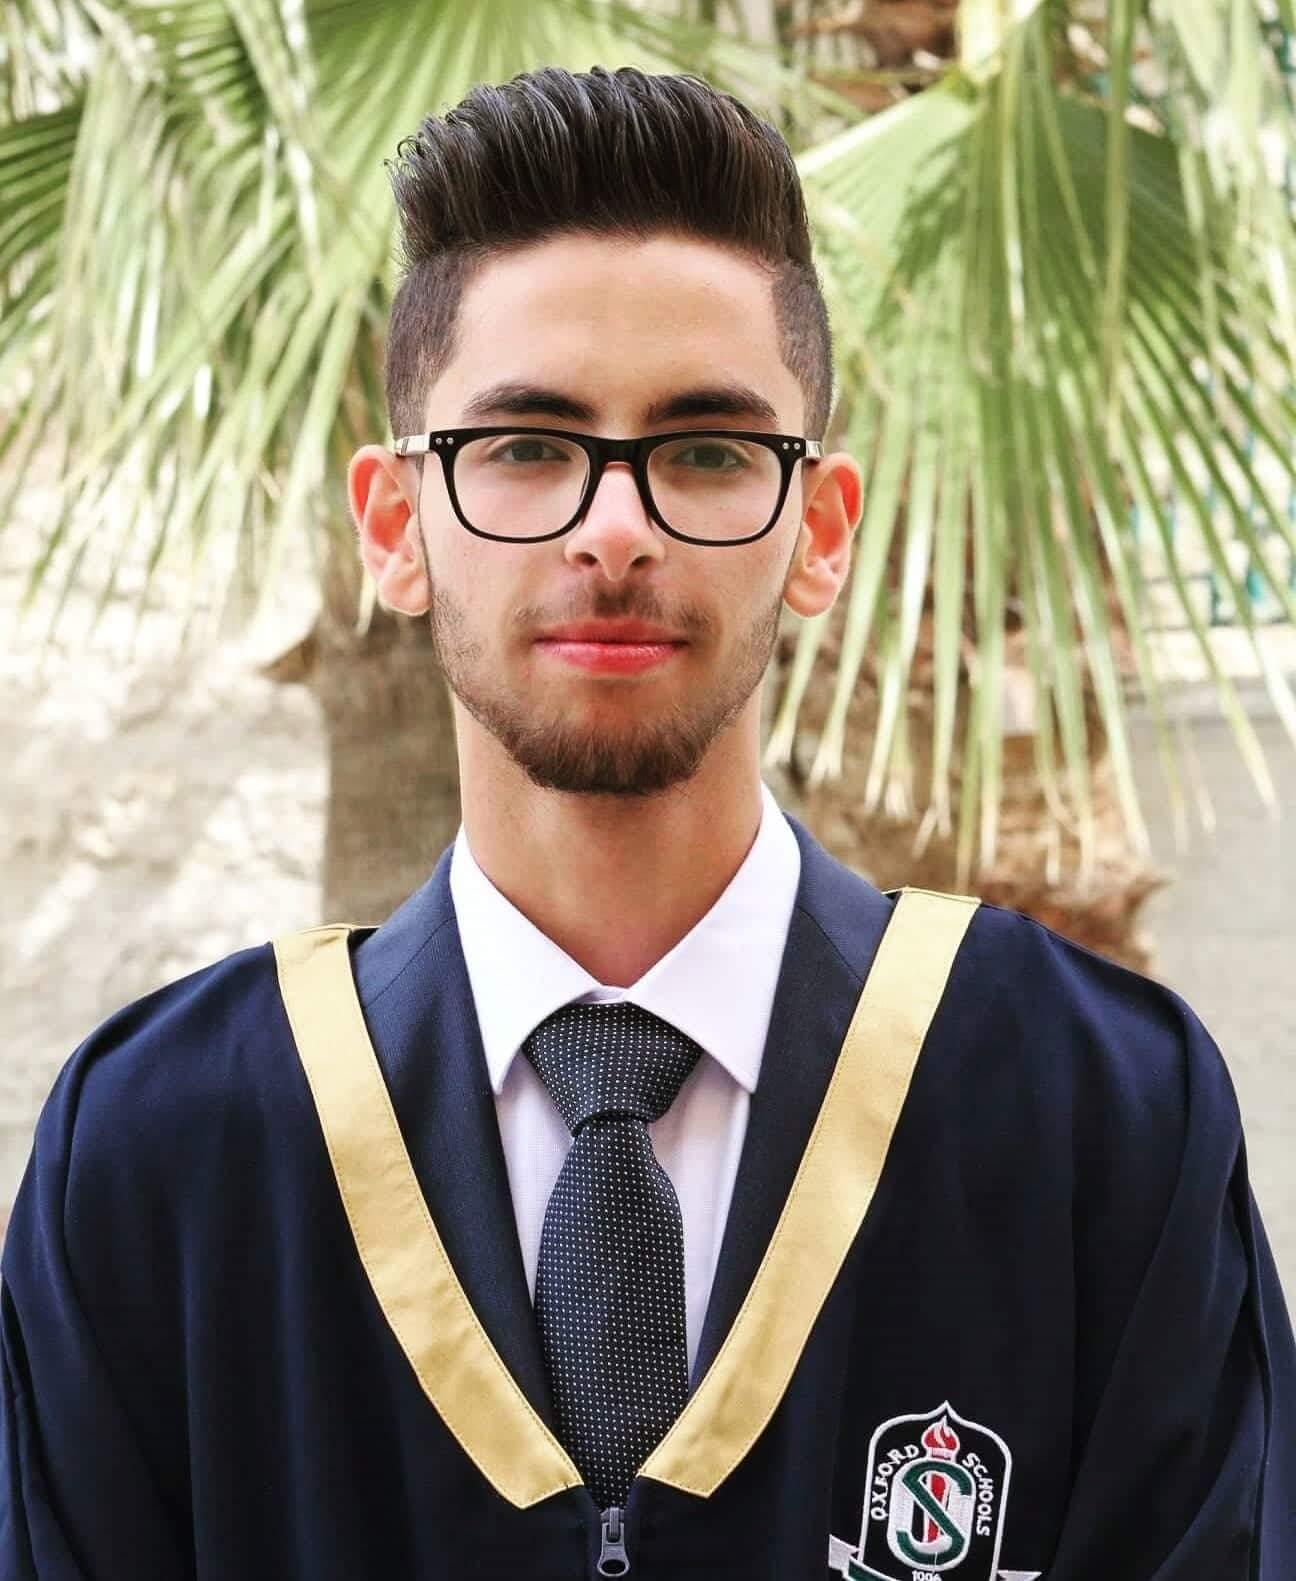 تهنئة بحصول هاشم محمد الحناقطة على معدل 95.6% بالثانوية العامة